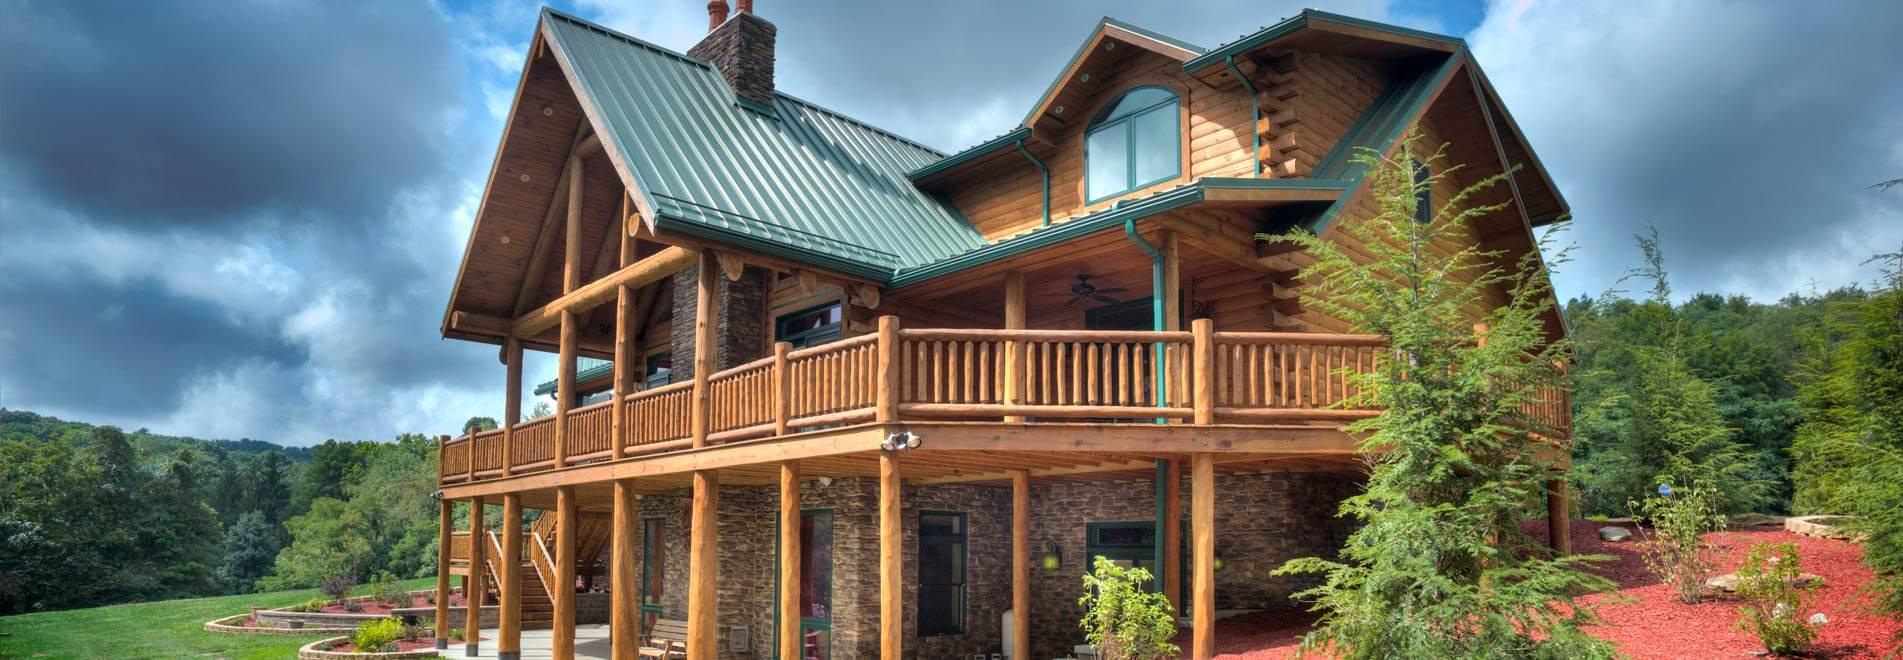 Log Home Builder   Log Home Design   Walnut Valley Log Homes